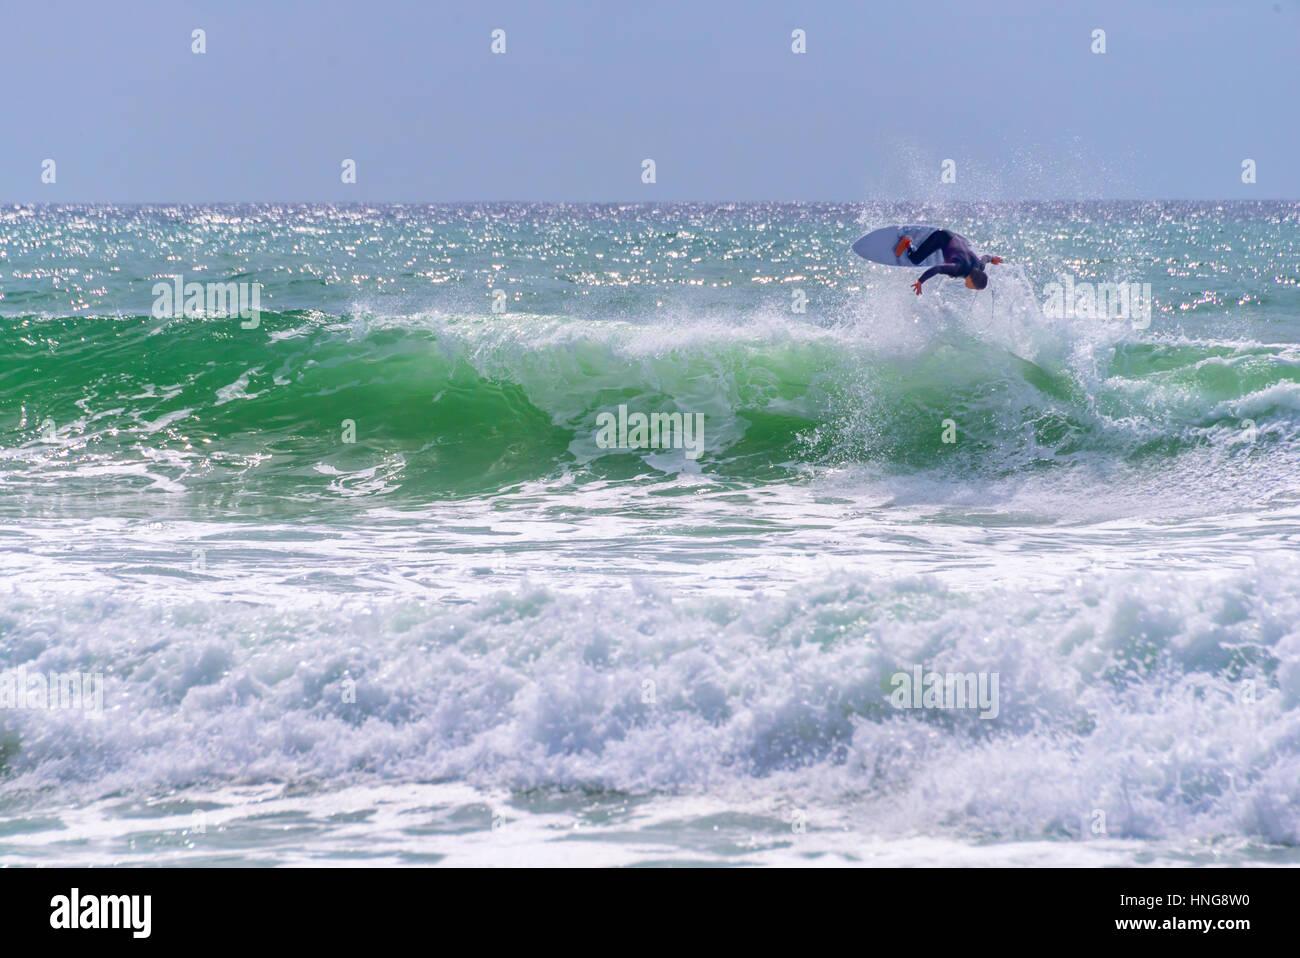 Circonscription Surfer une vague énorme pendant la compétition de surf à Lacanau, France Photo Stock